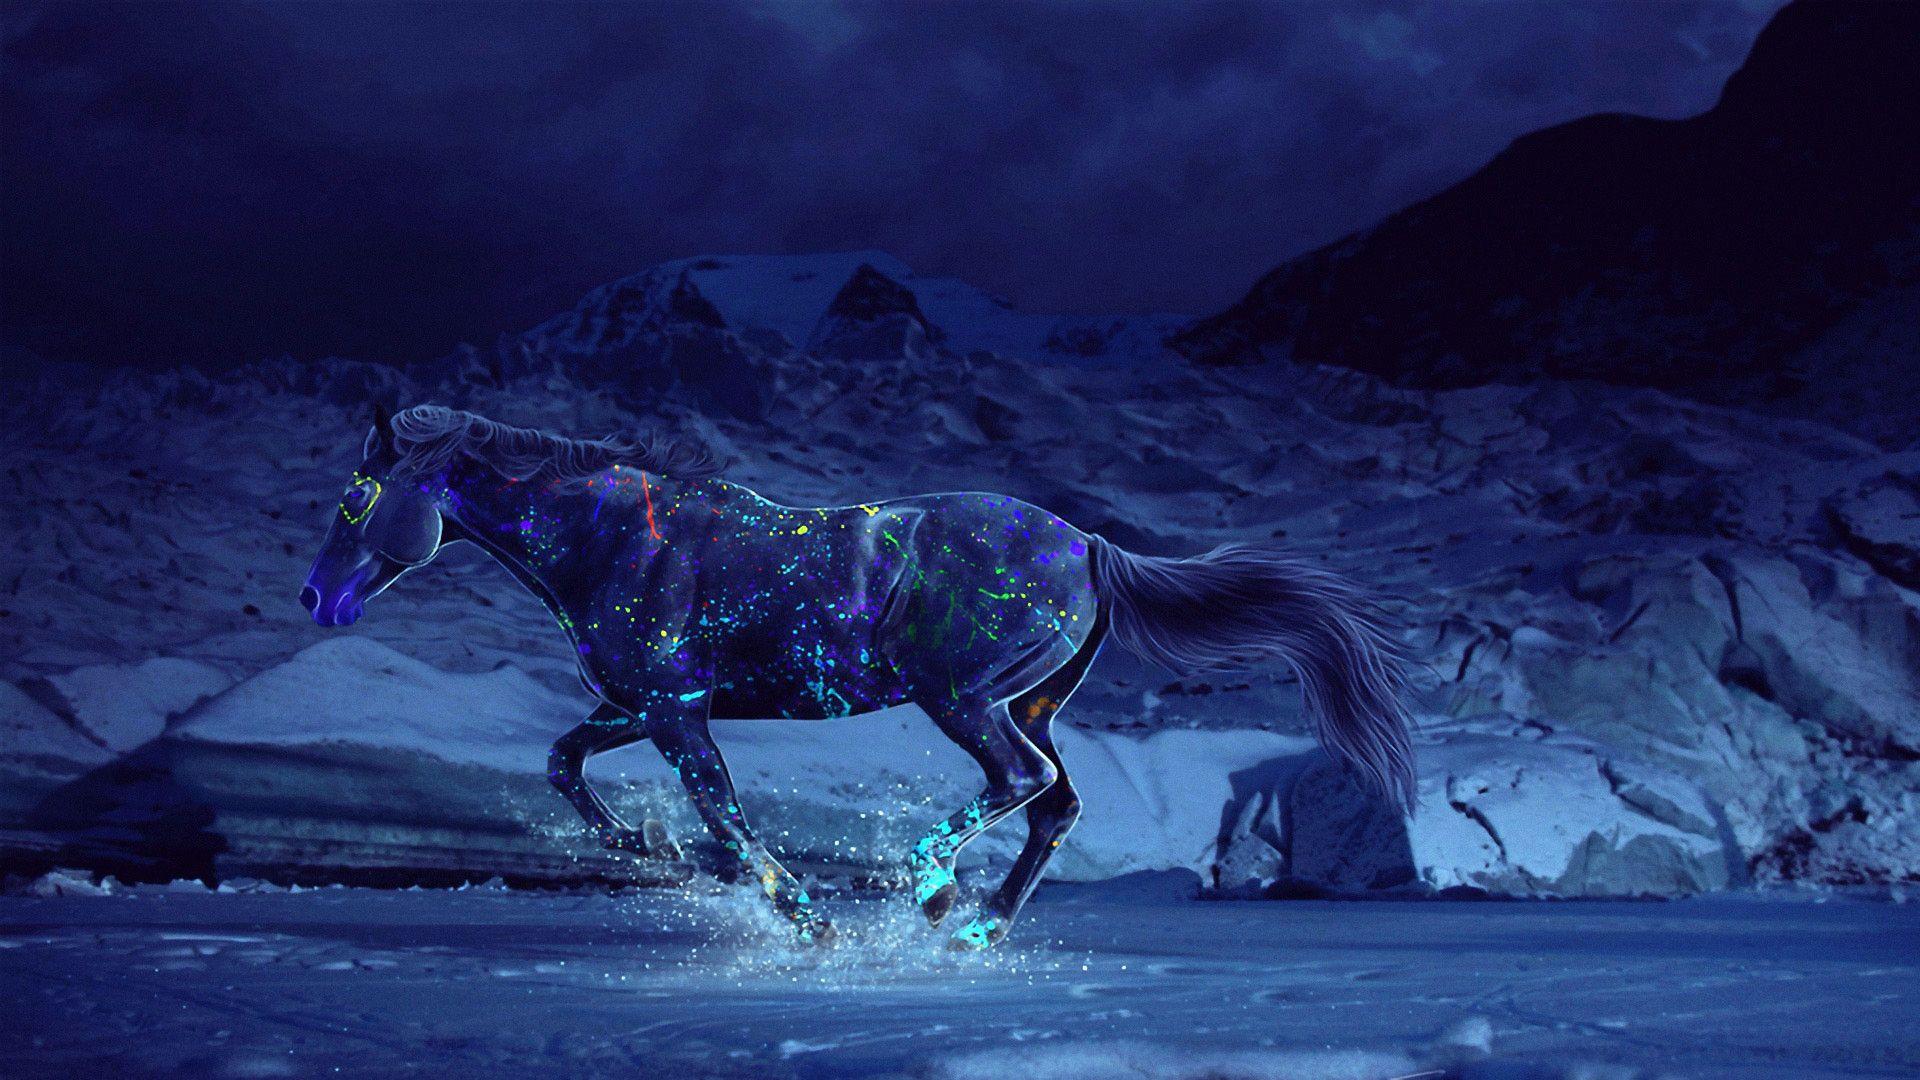 1920x1080 Hd Pics Photos 3d Horse Neon Color Splash Animals Hd